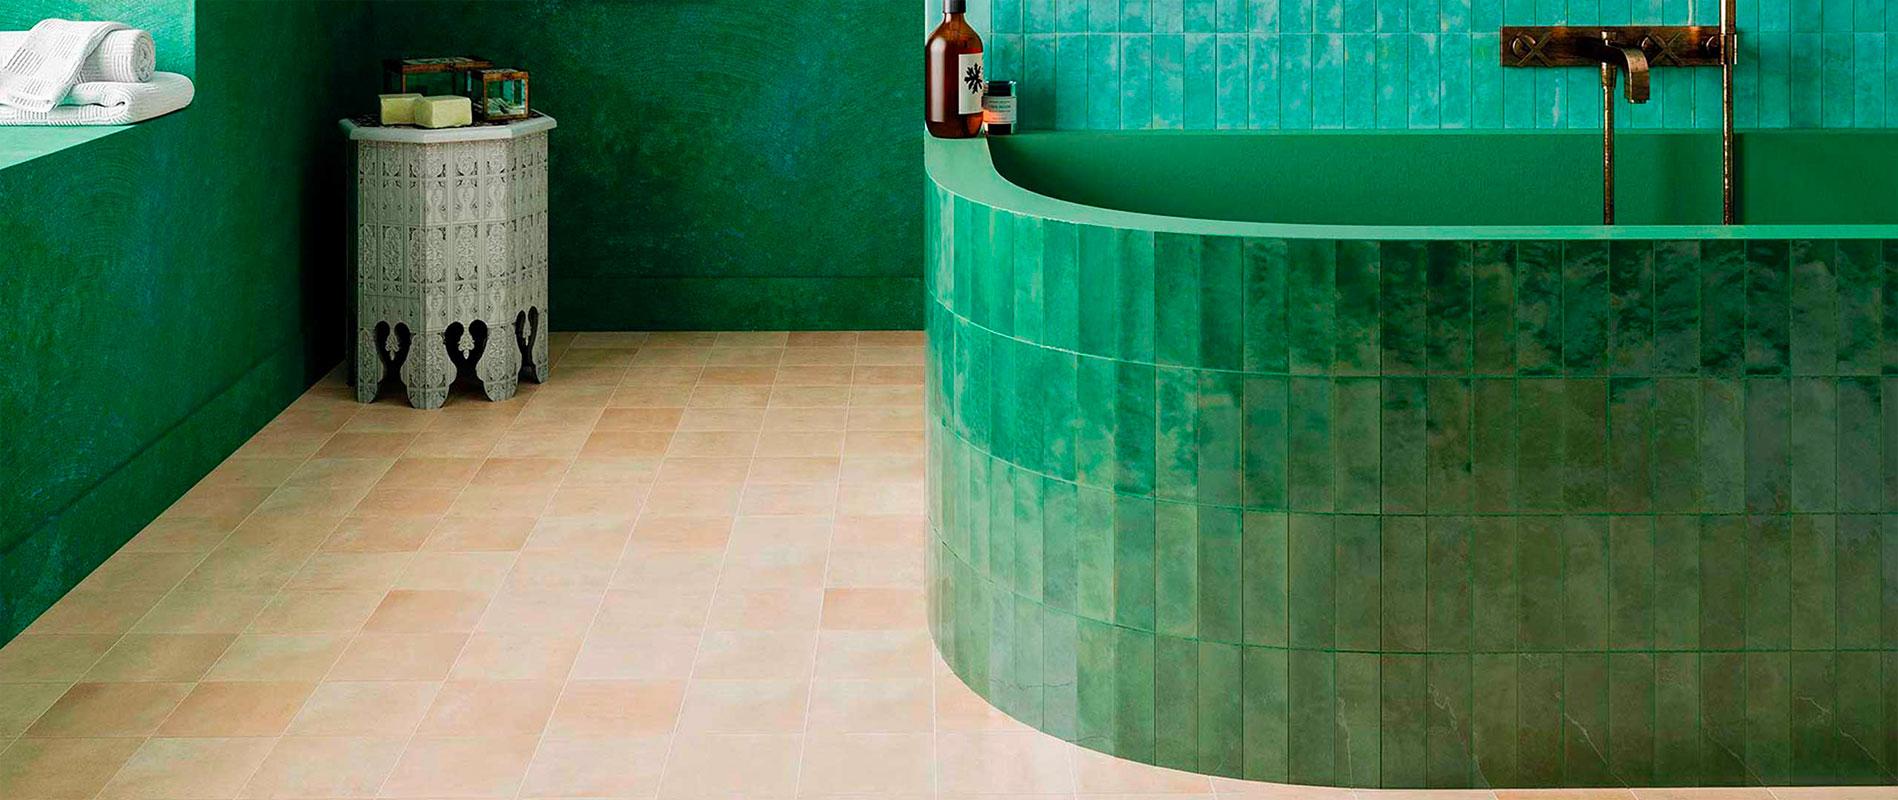 Carrelage esprit fait main inspiration Zellige marocain de la collection bejmat de la marque wow design se décline en couleur Lake gloss et olive gloss dans des formats 5X15 et 15X15 pour une baignoire de salle de bain tendance